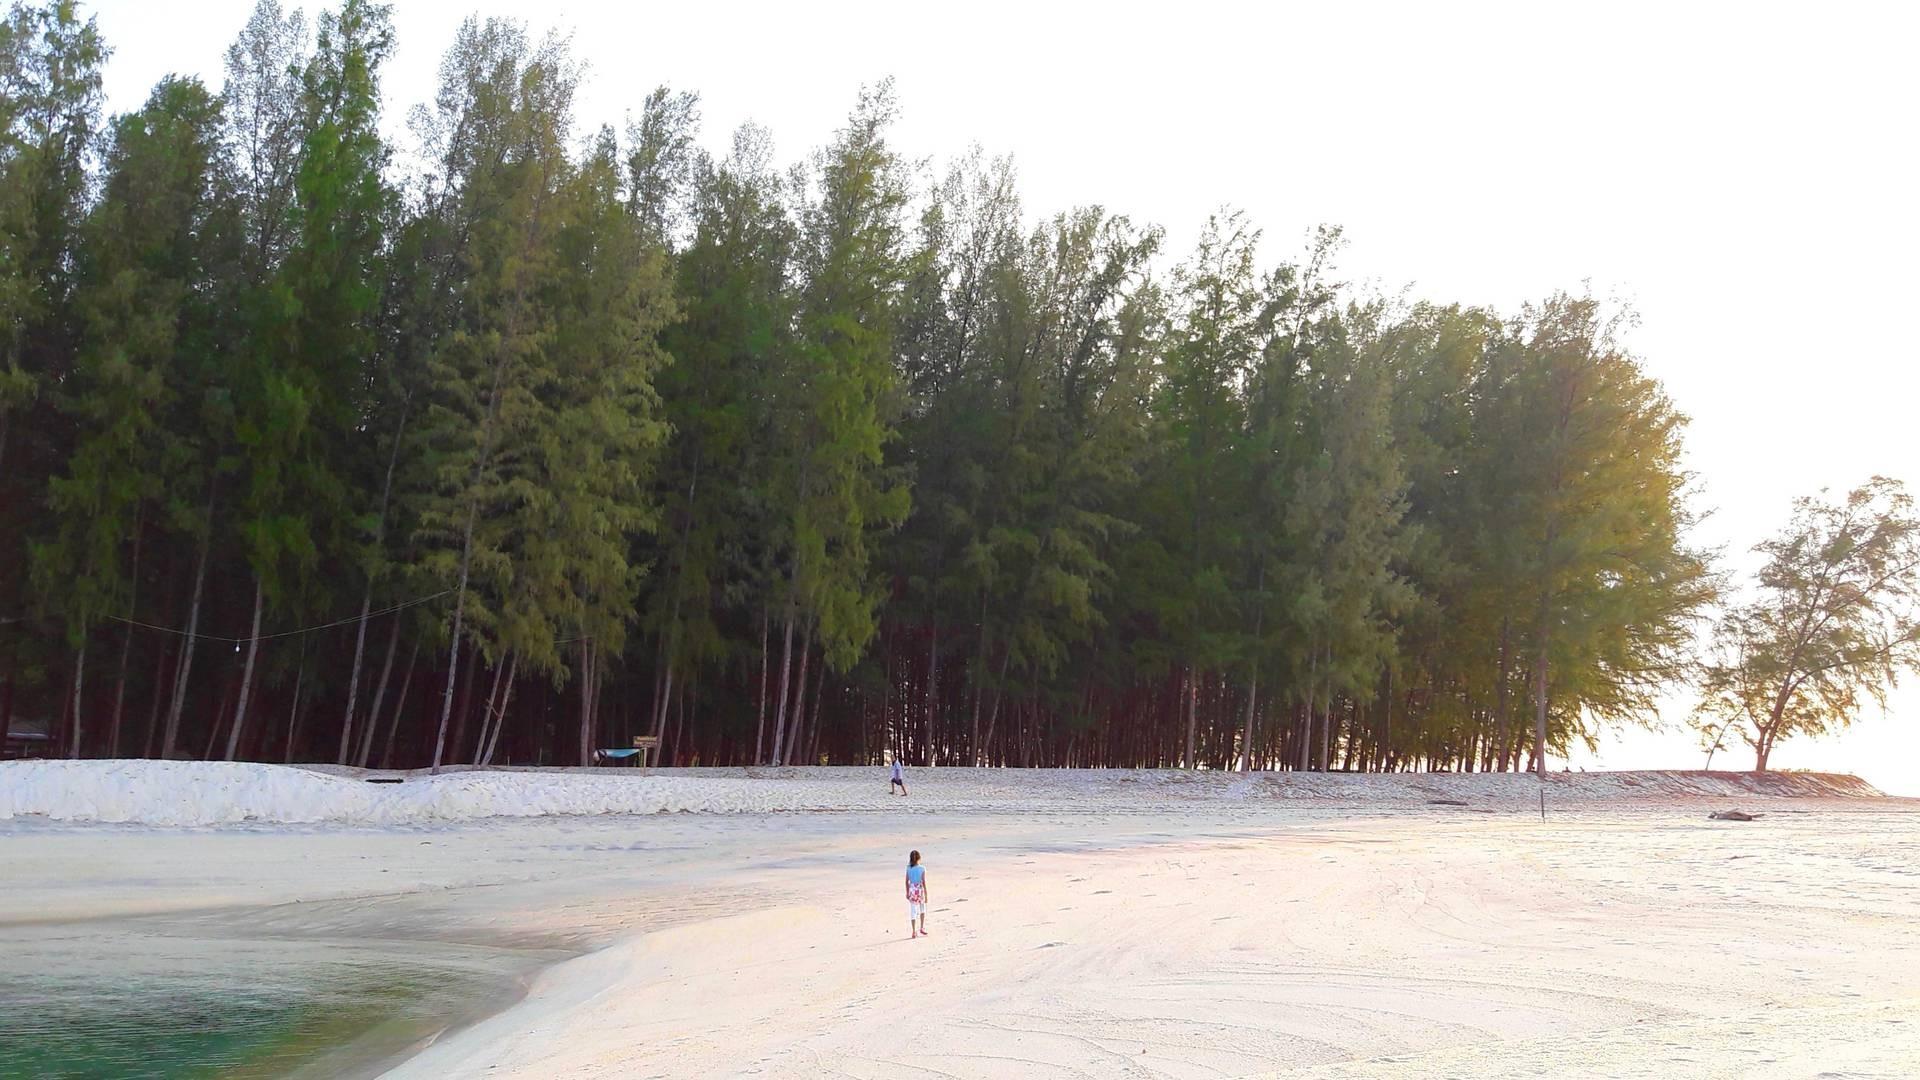 ต้นสนเรียงรายหน้าหาด